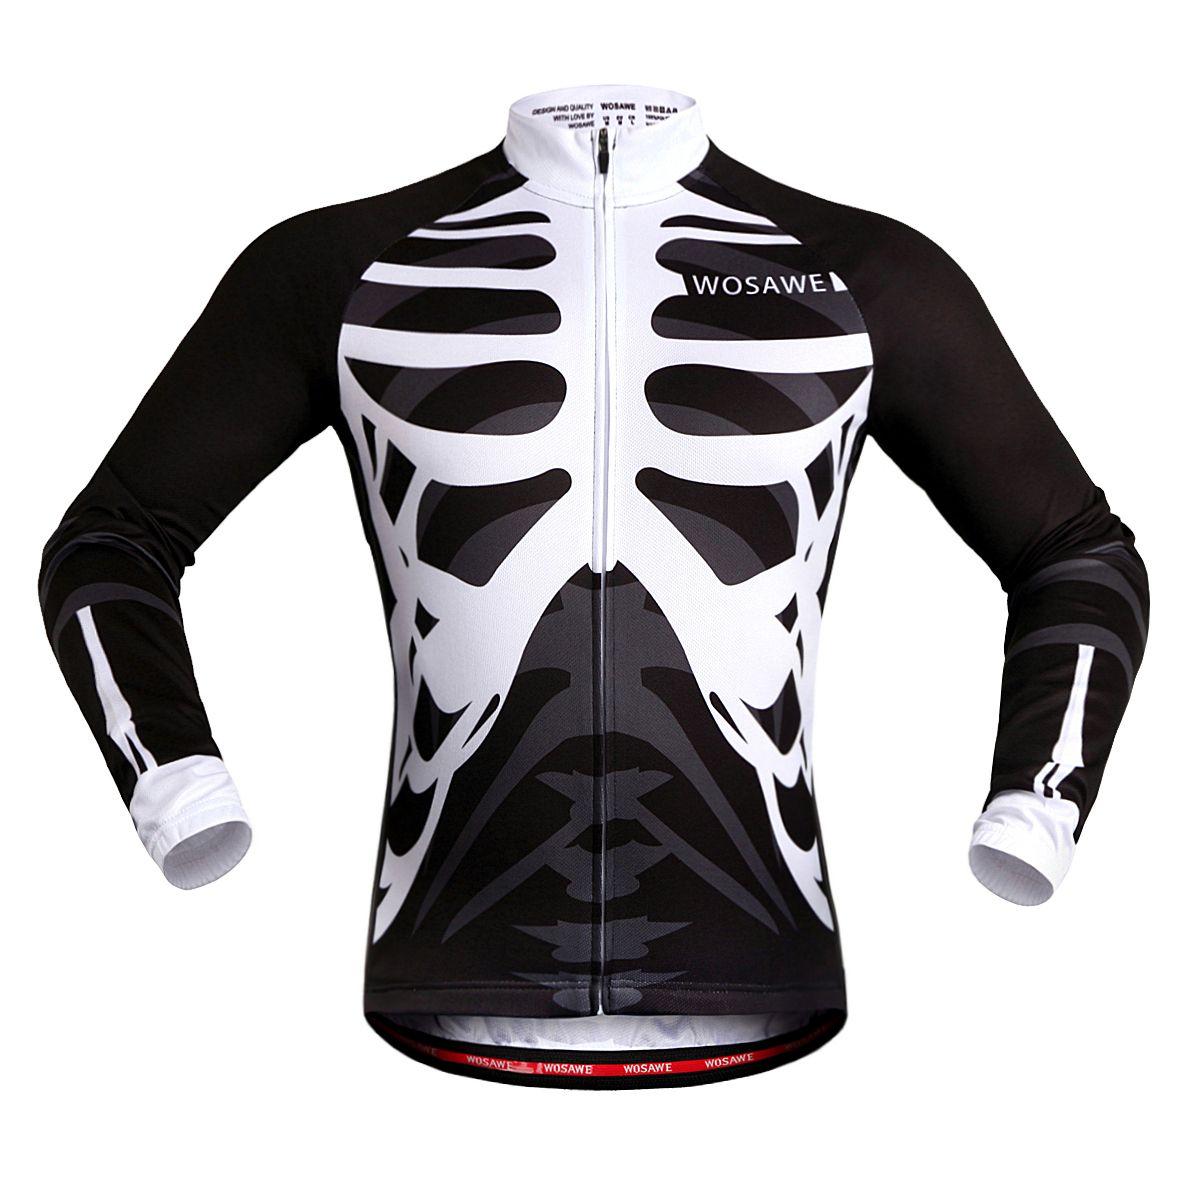 Sublimationsdruck Schnell Kleidung Für Wosawe Männer Polyester Trocknende Bike Jacke Fahrrad Jersey Sommer Form Radfahren 1TclFJK